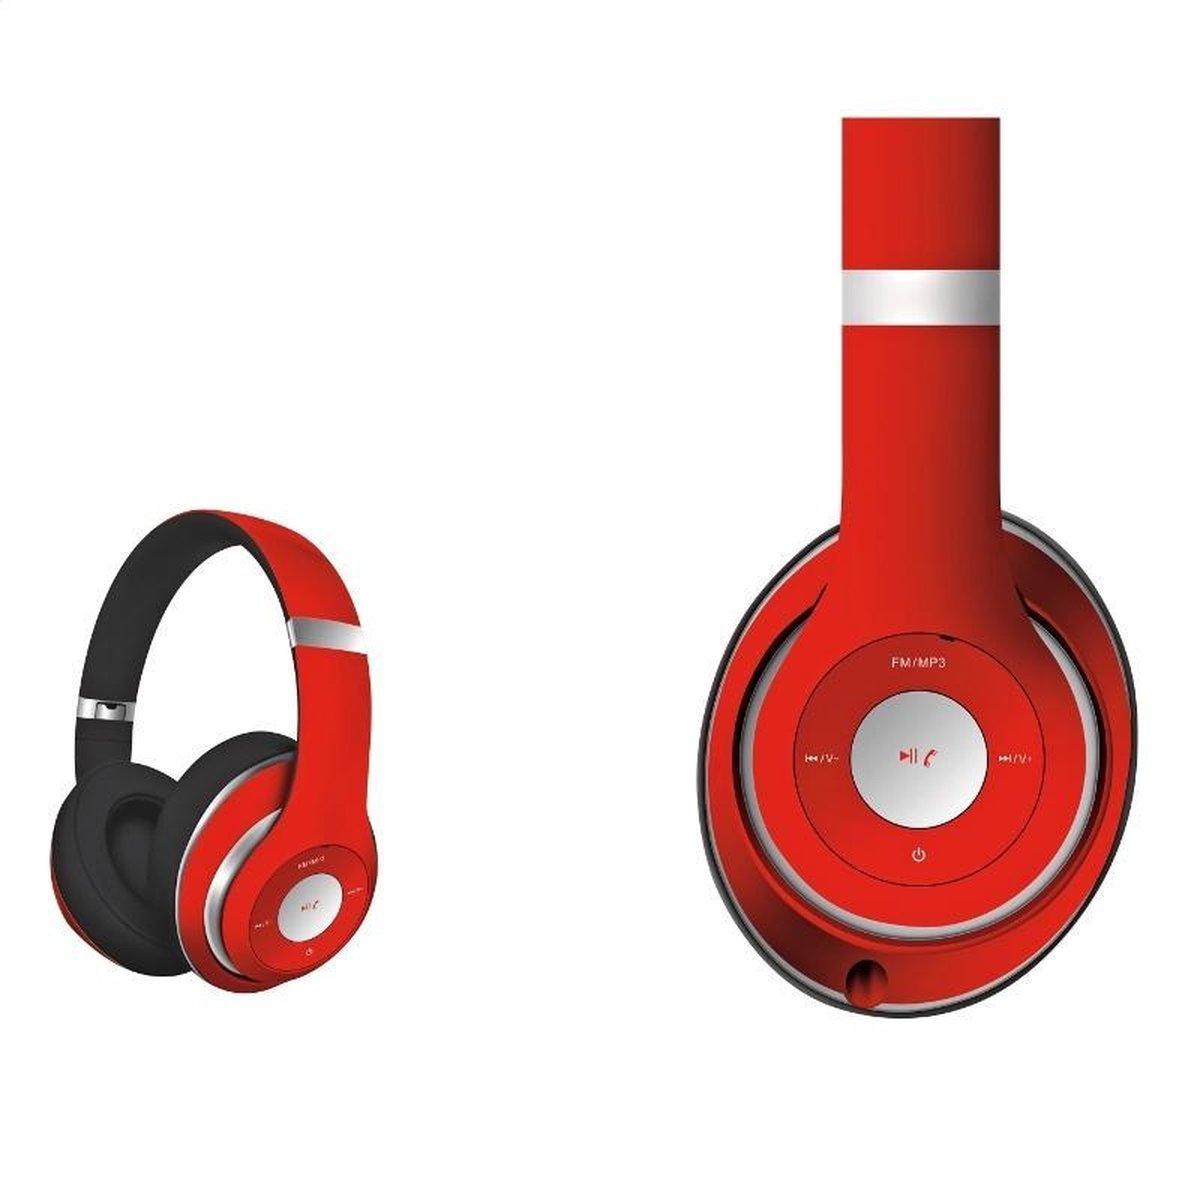 /RED [43684 FREESTYLE HEADSET BLUETOOTH FH0916 RED/RED [43684 FREESTYLE HEADSET BLUETOOTH FH0916 RED/RED [43684  Product Code:     FH0916R Artikelnummer:     00015546 Merk:     Freestyle  Login om uw prijsinformatie te zien! Gebruikersnaam: Wachtwoor